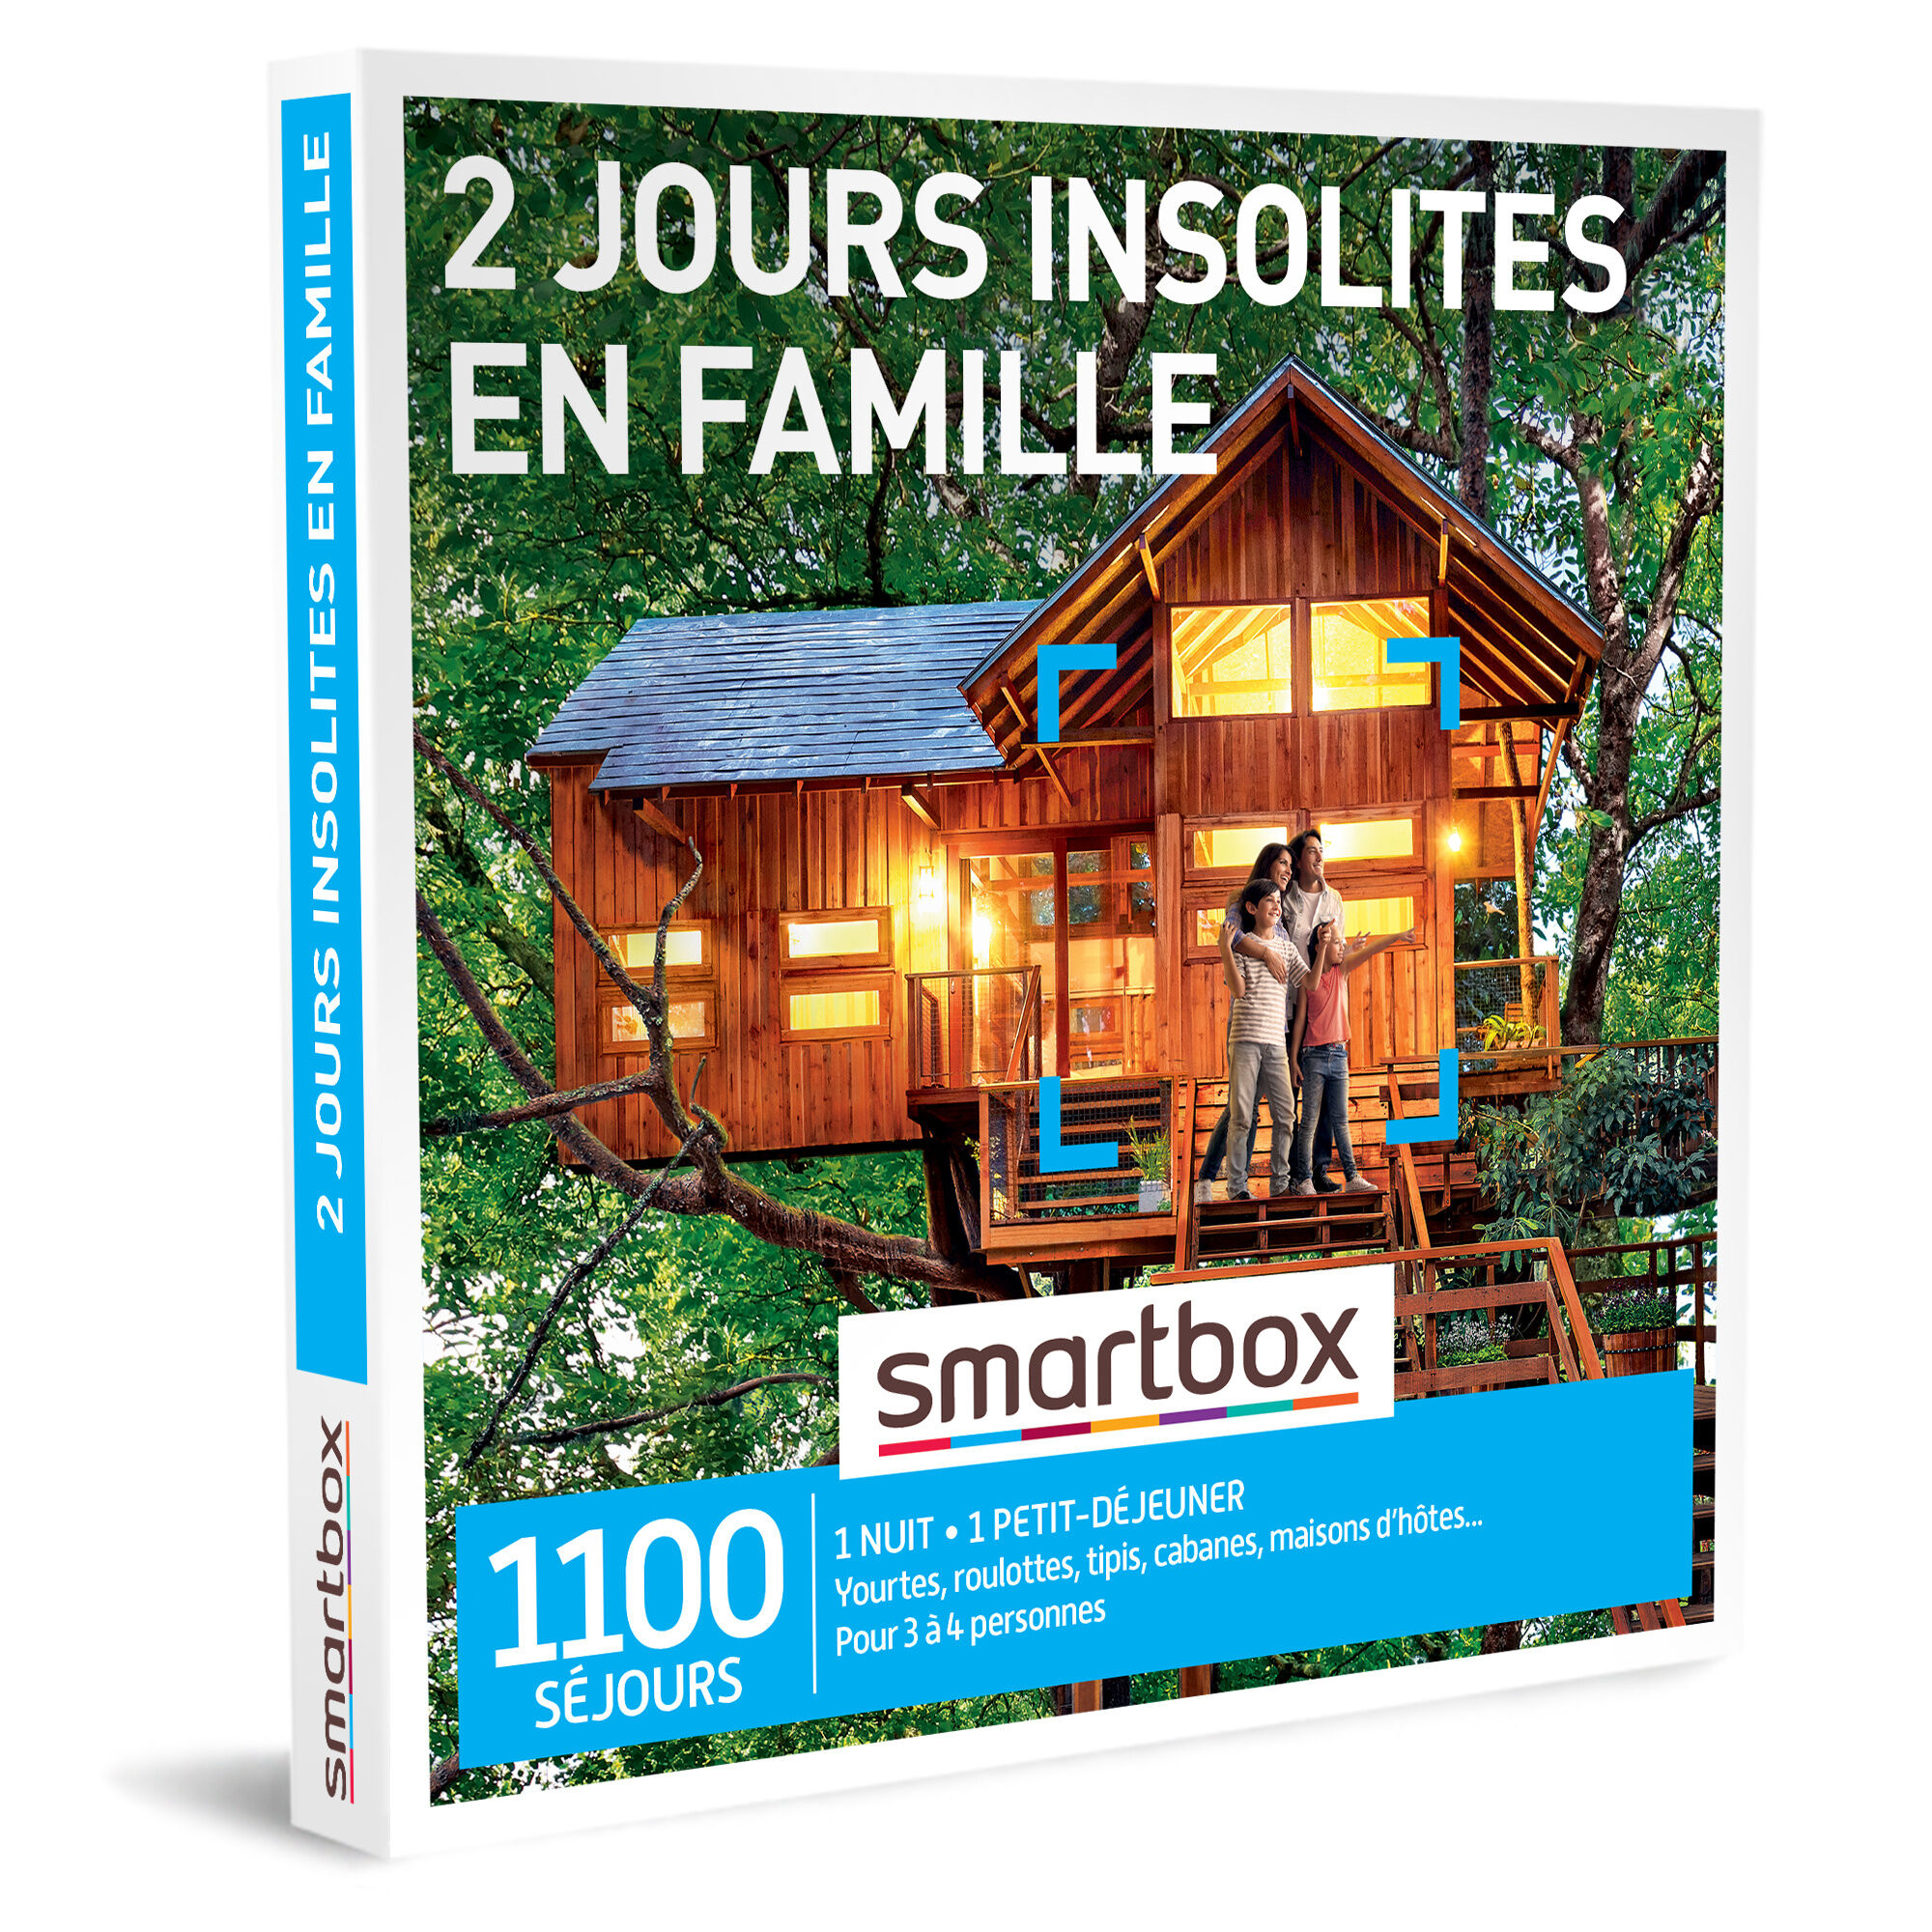 SMARTBOX - 2 jours insolites en famille - Coffret Cadeau Séjour